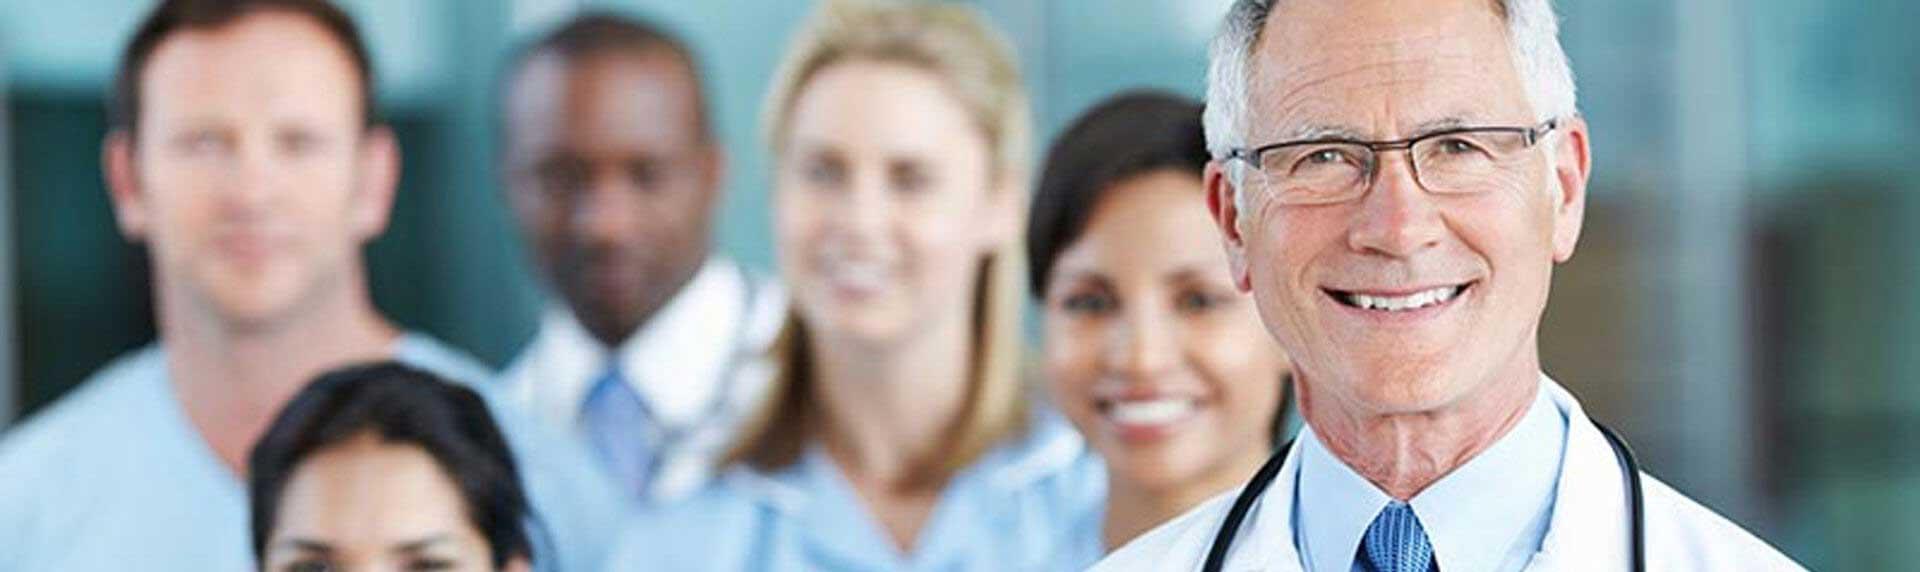 general-medicine-doctor-sandringham